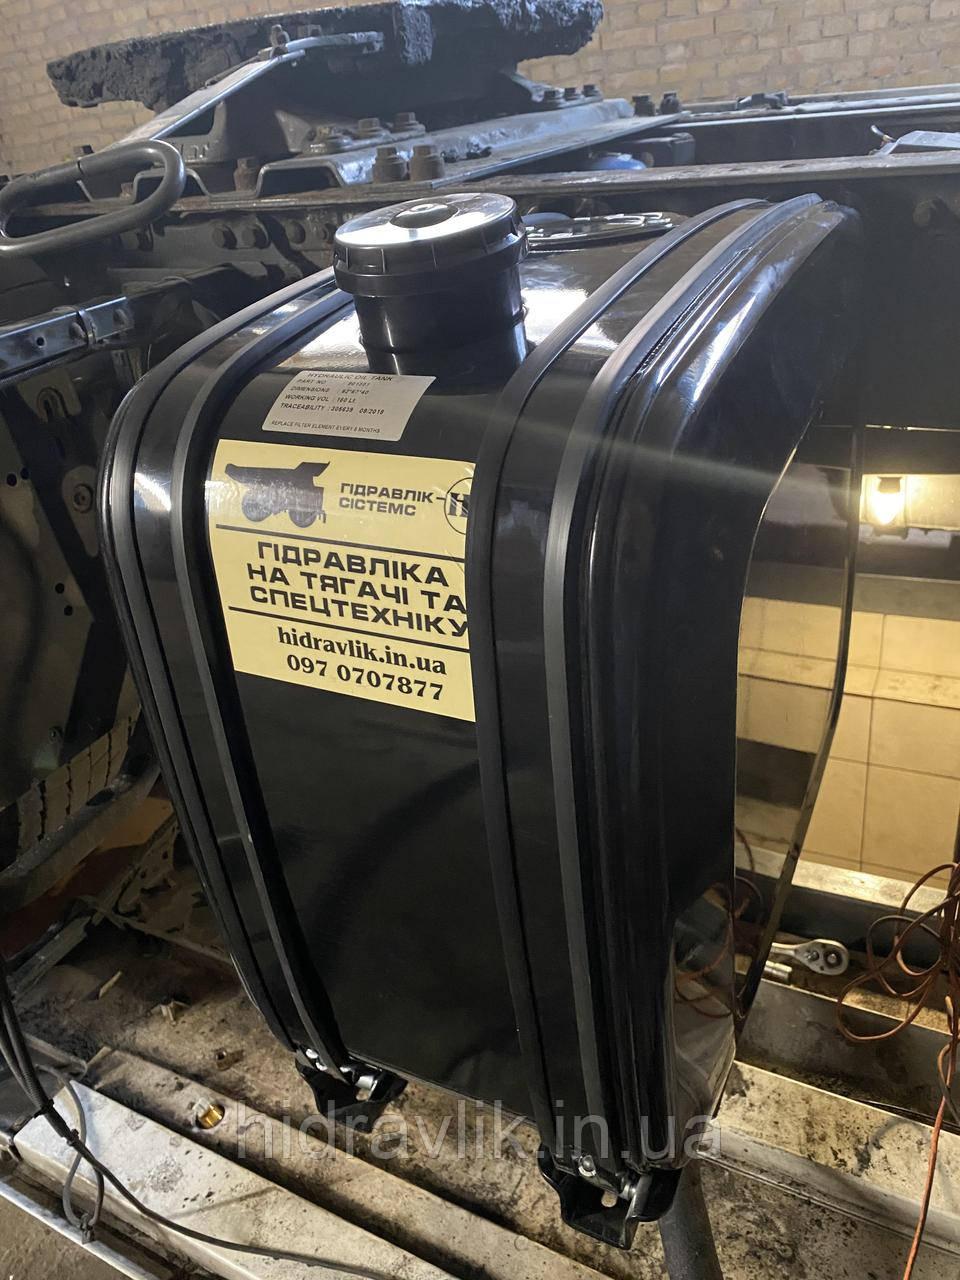 Гидравлическое оборудование для самосвалов «Мерседес Актрос»